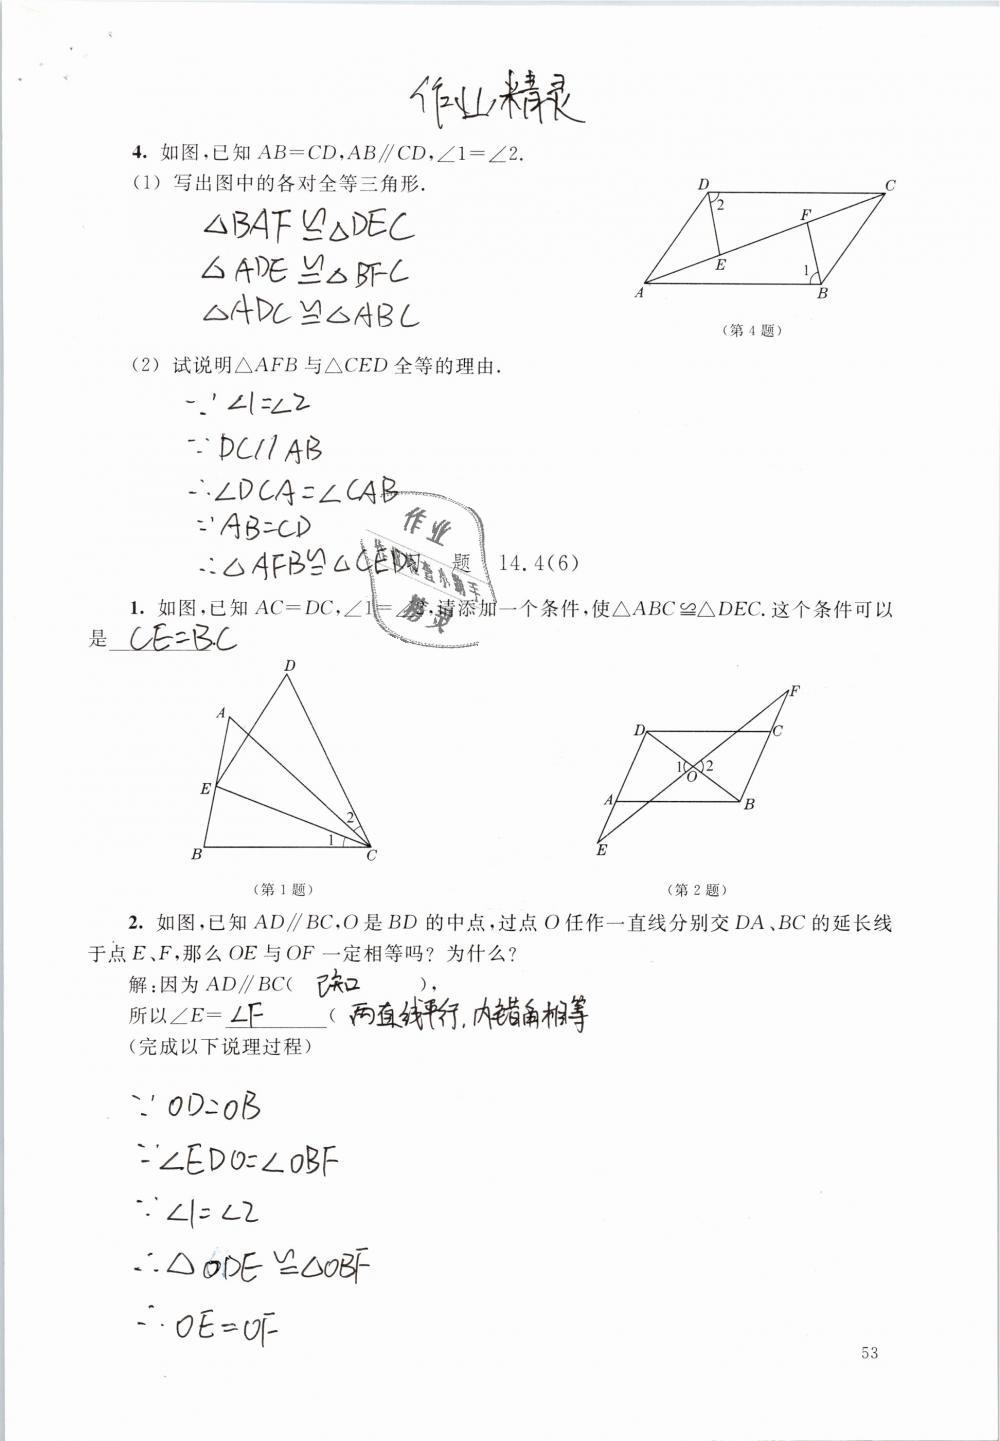 2019年数学练习部分七年级第二学期第53页